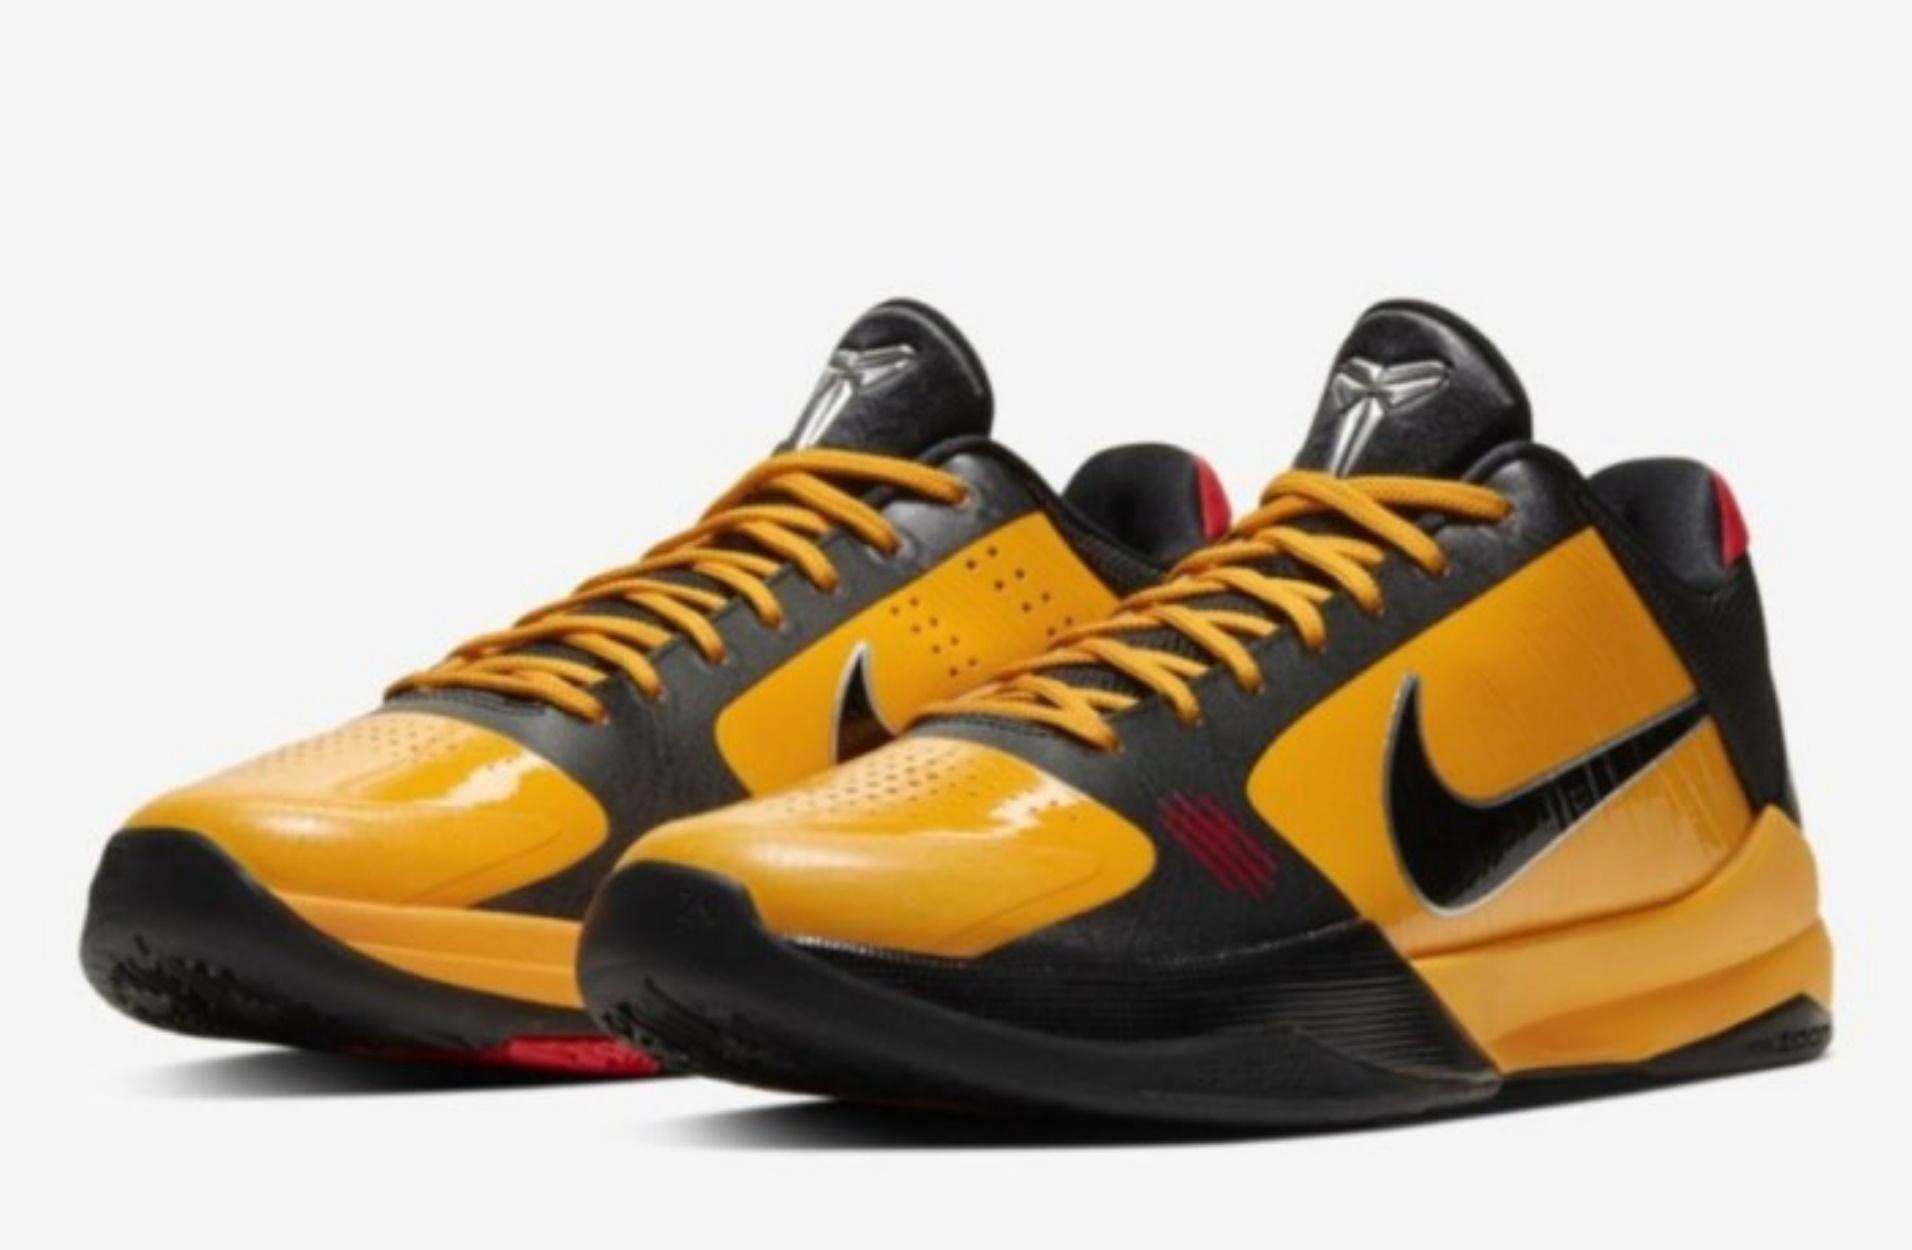 Η Nike κυκλοφόρησε ένα sneaker αφιερωμένο στον Κόμπι Μπράιντ και τον Μπρους Λι